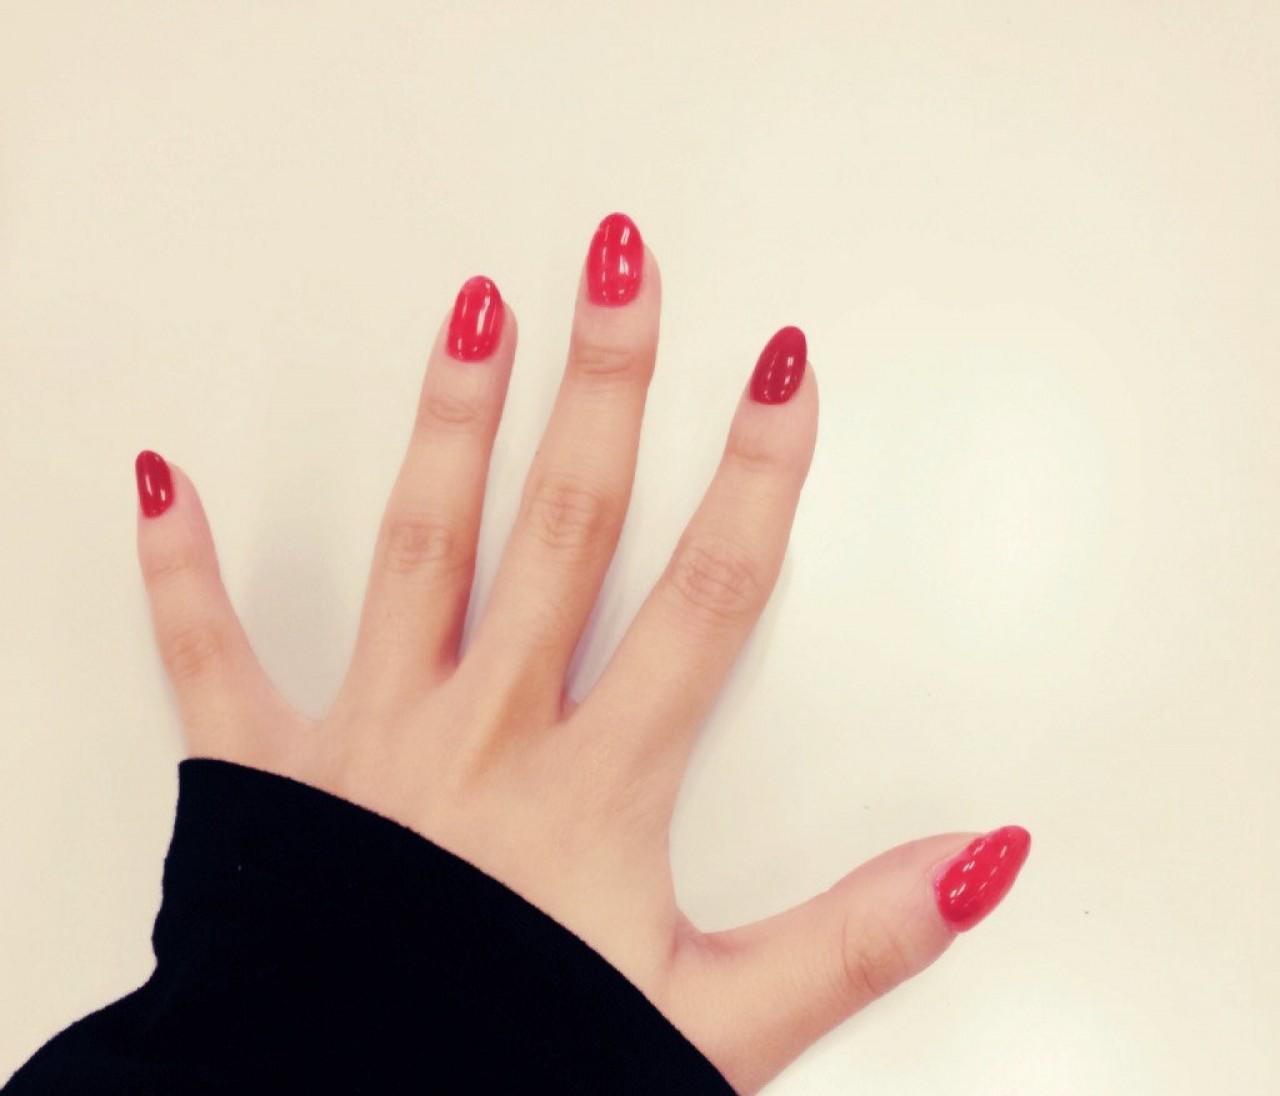 嗚呼、、、やめられない! 赤い爪